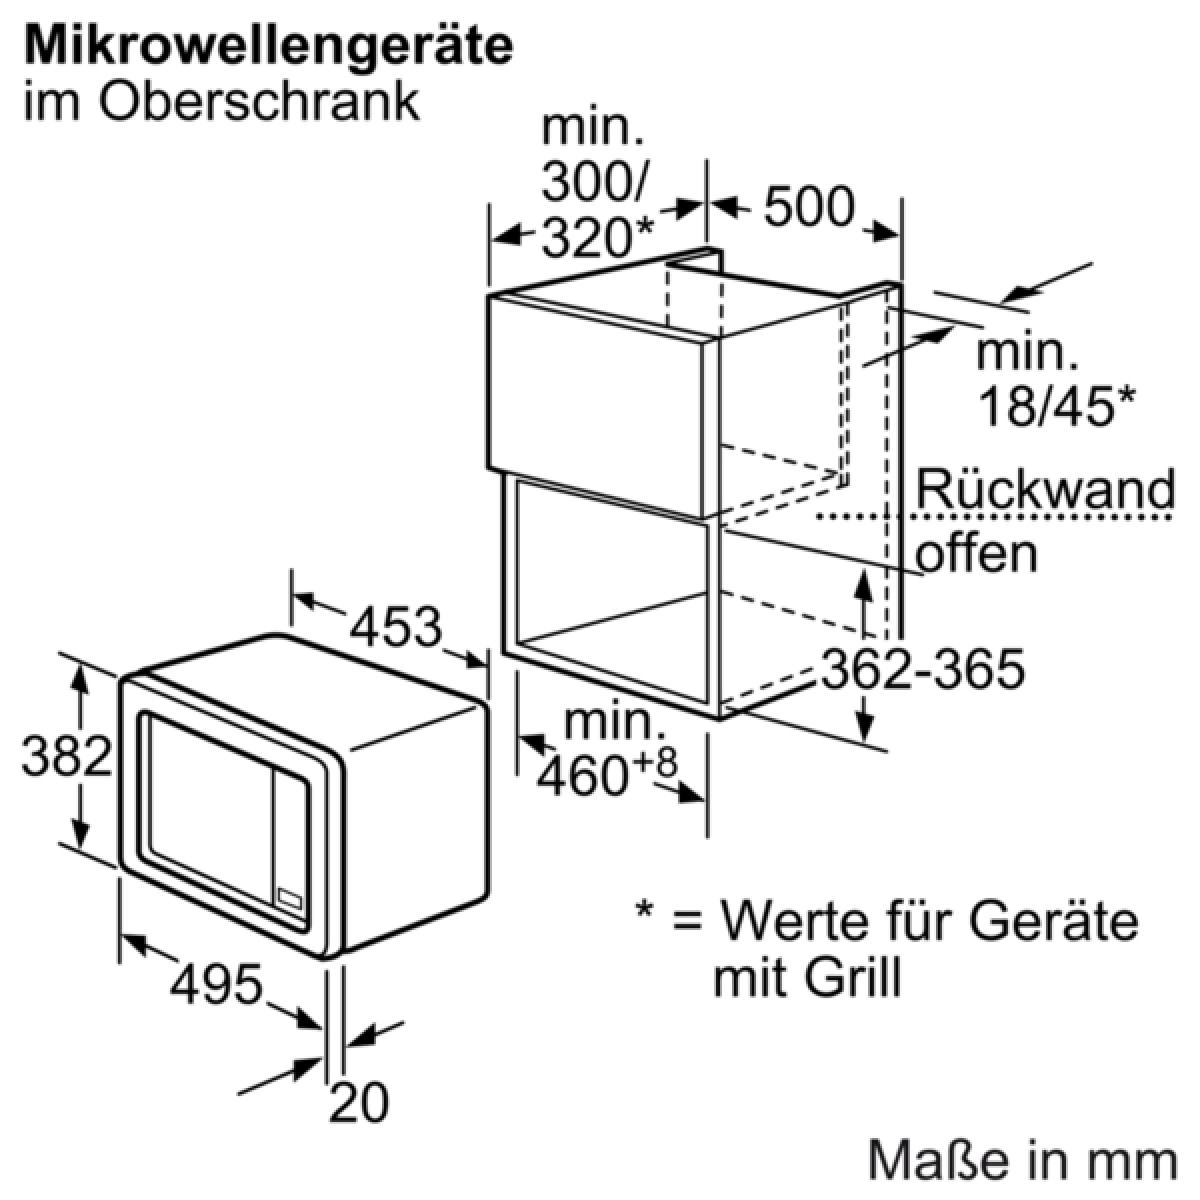 siemens hf15m552 einbau mikrowelle edelstahl nur f r 50cm breiten oberschrank h ngeschrank. Black Bedroom Furniture Sets. Home Design Ideas